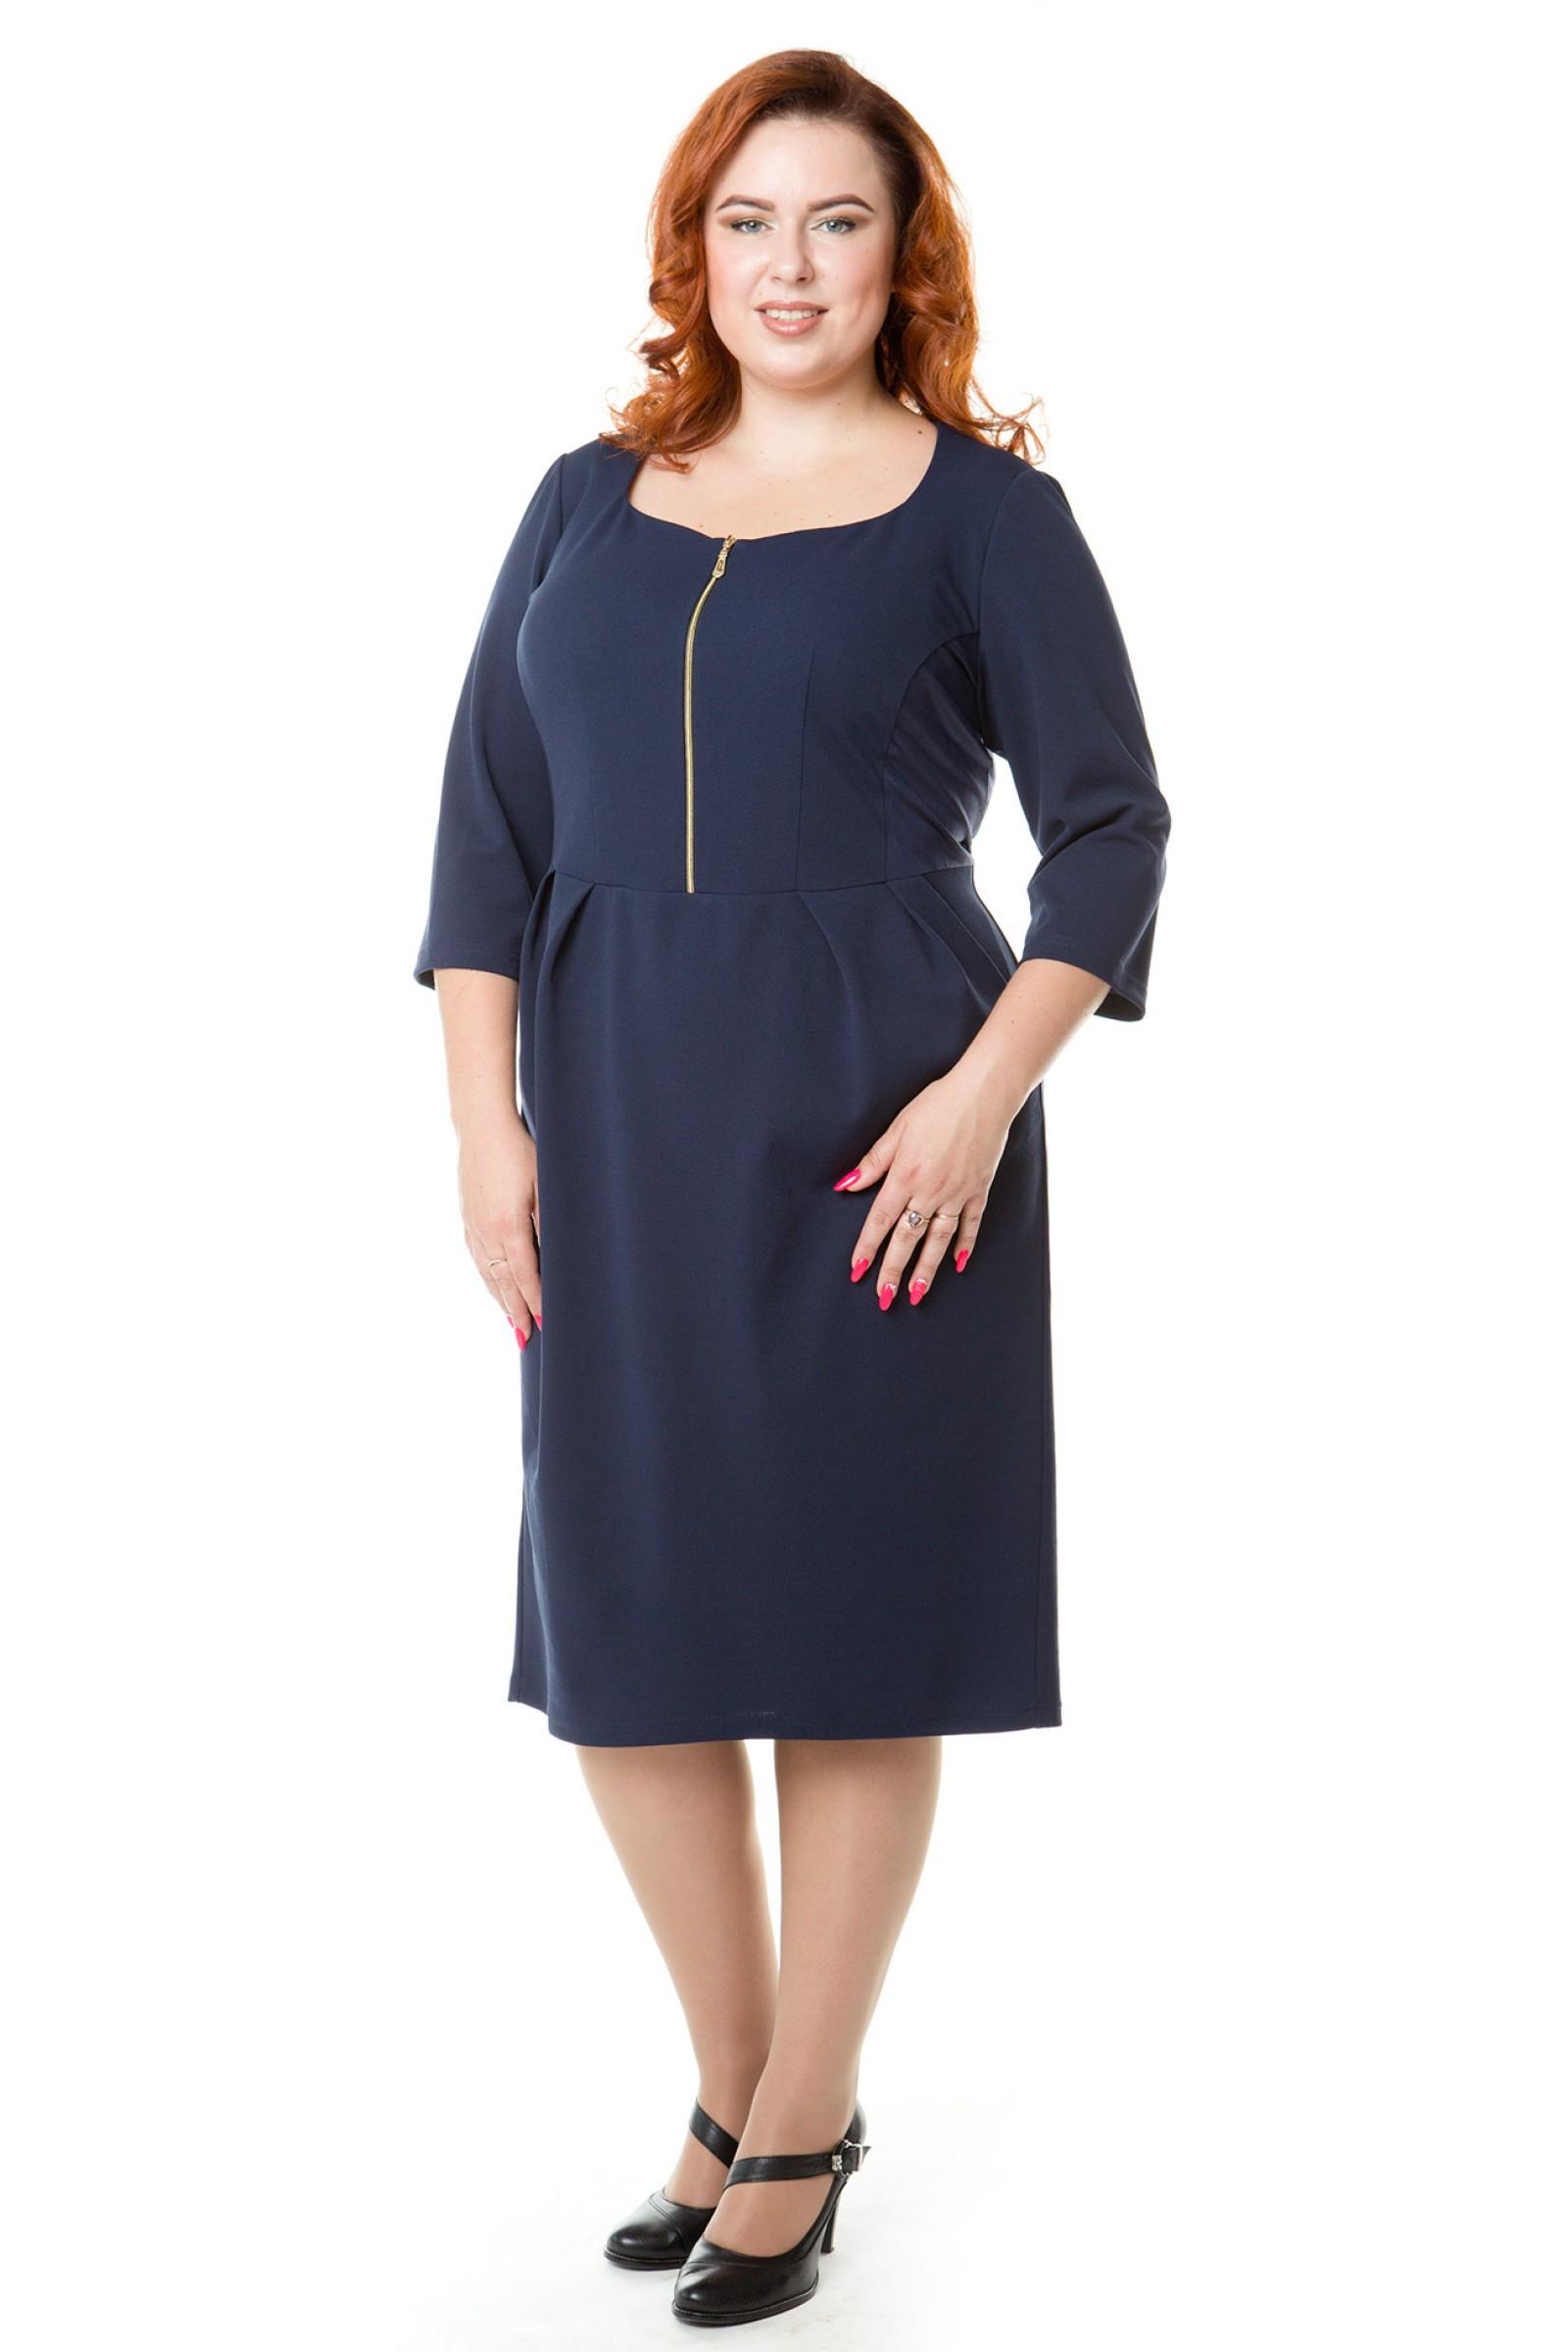 Одежда Для Женщин Больших Размеров